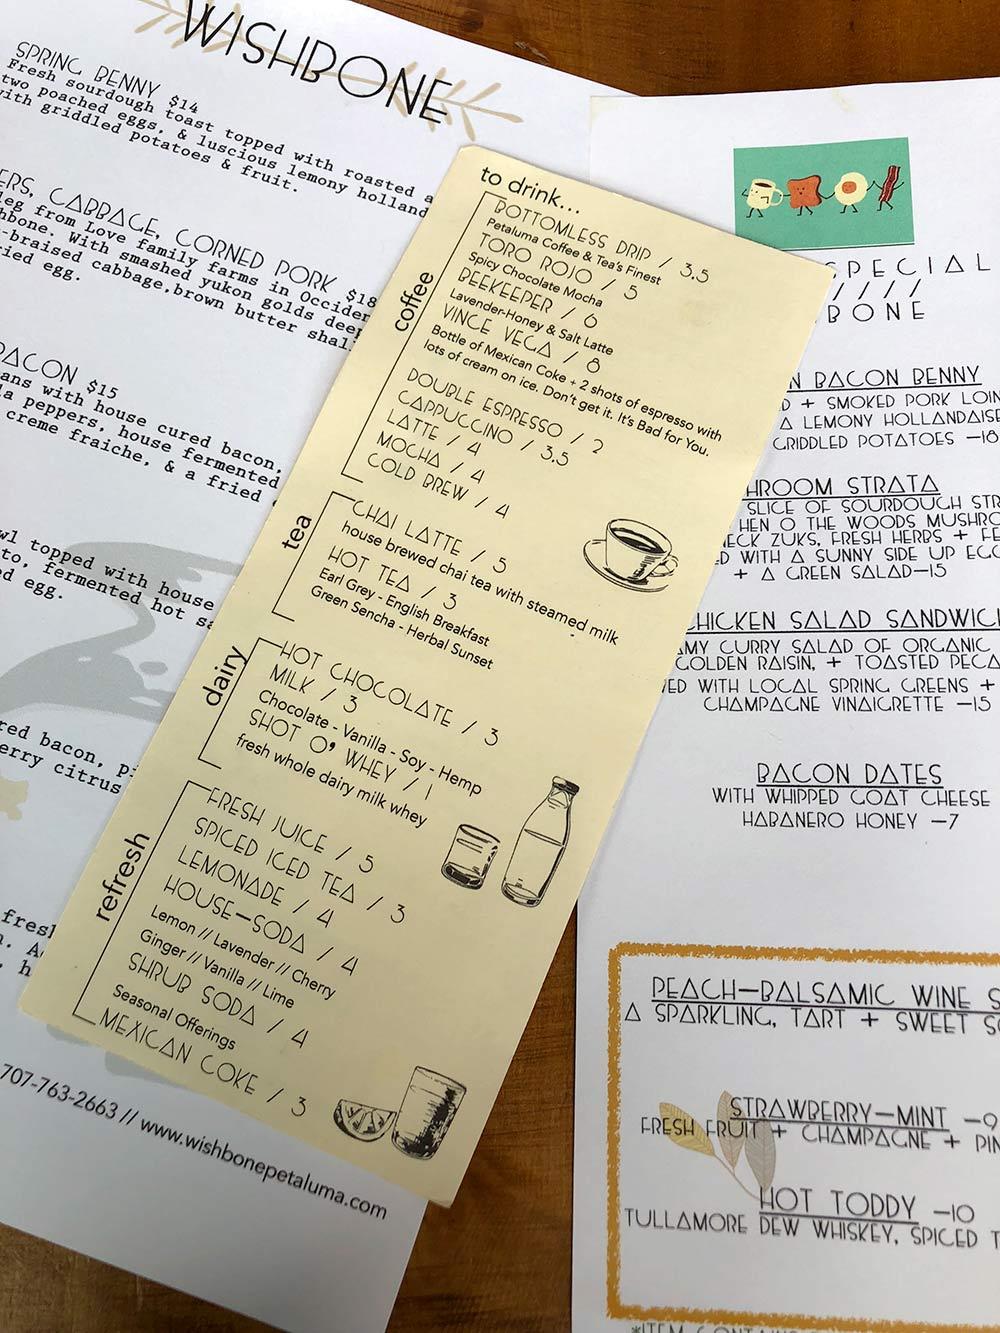 wisbone petaluma drink menu